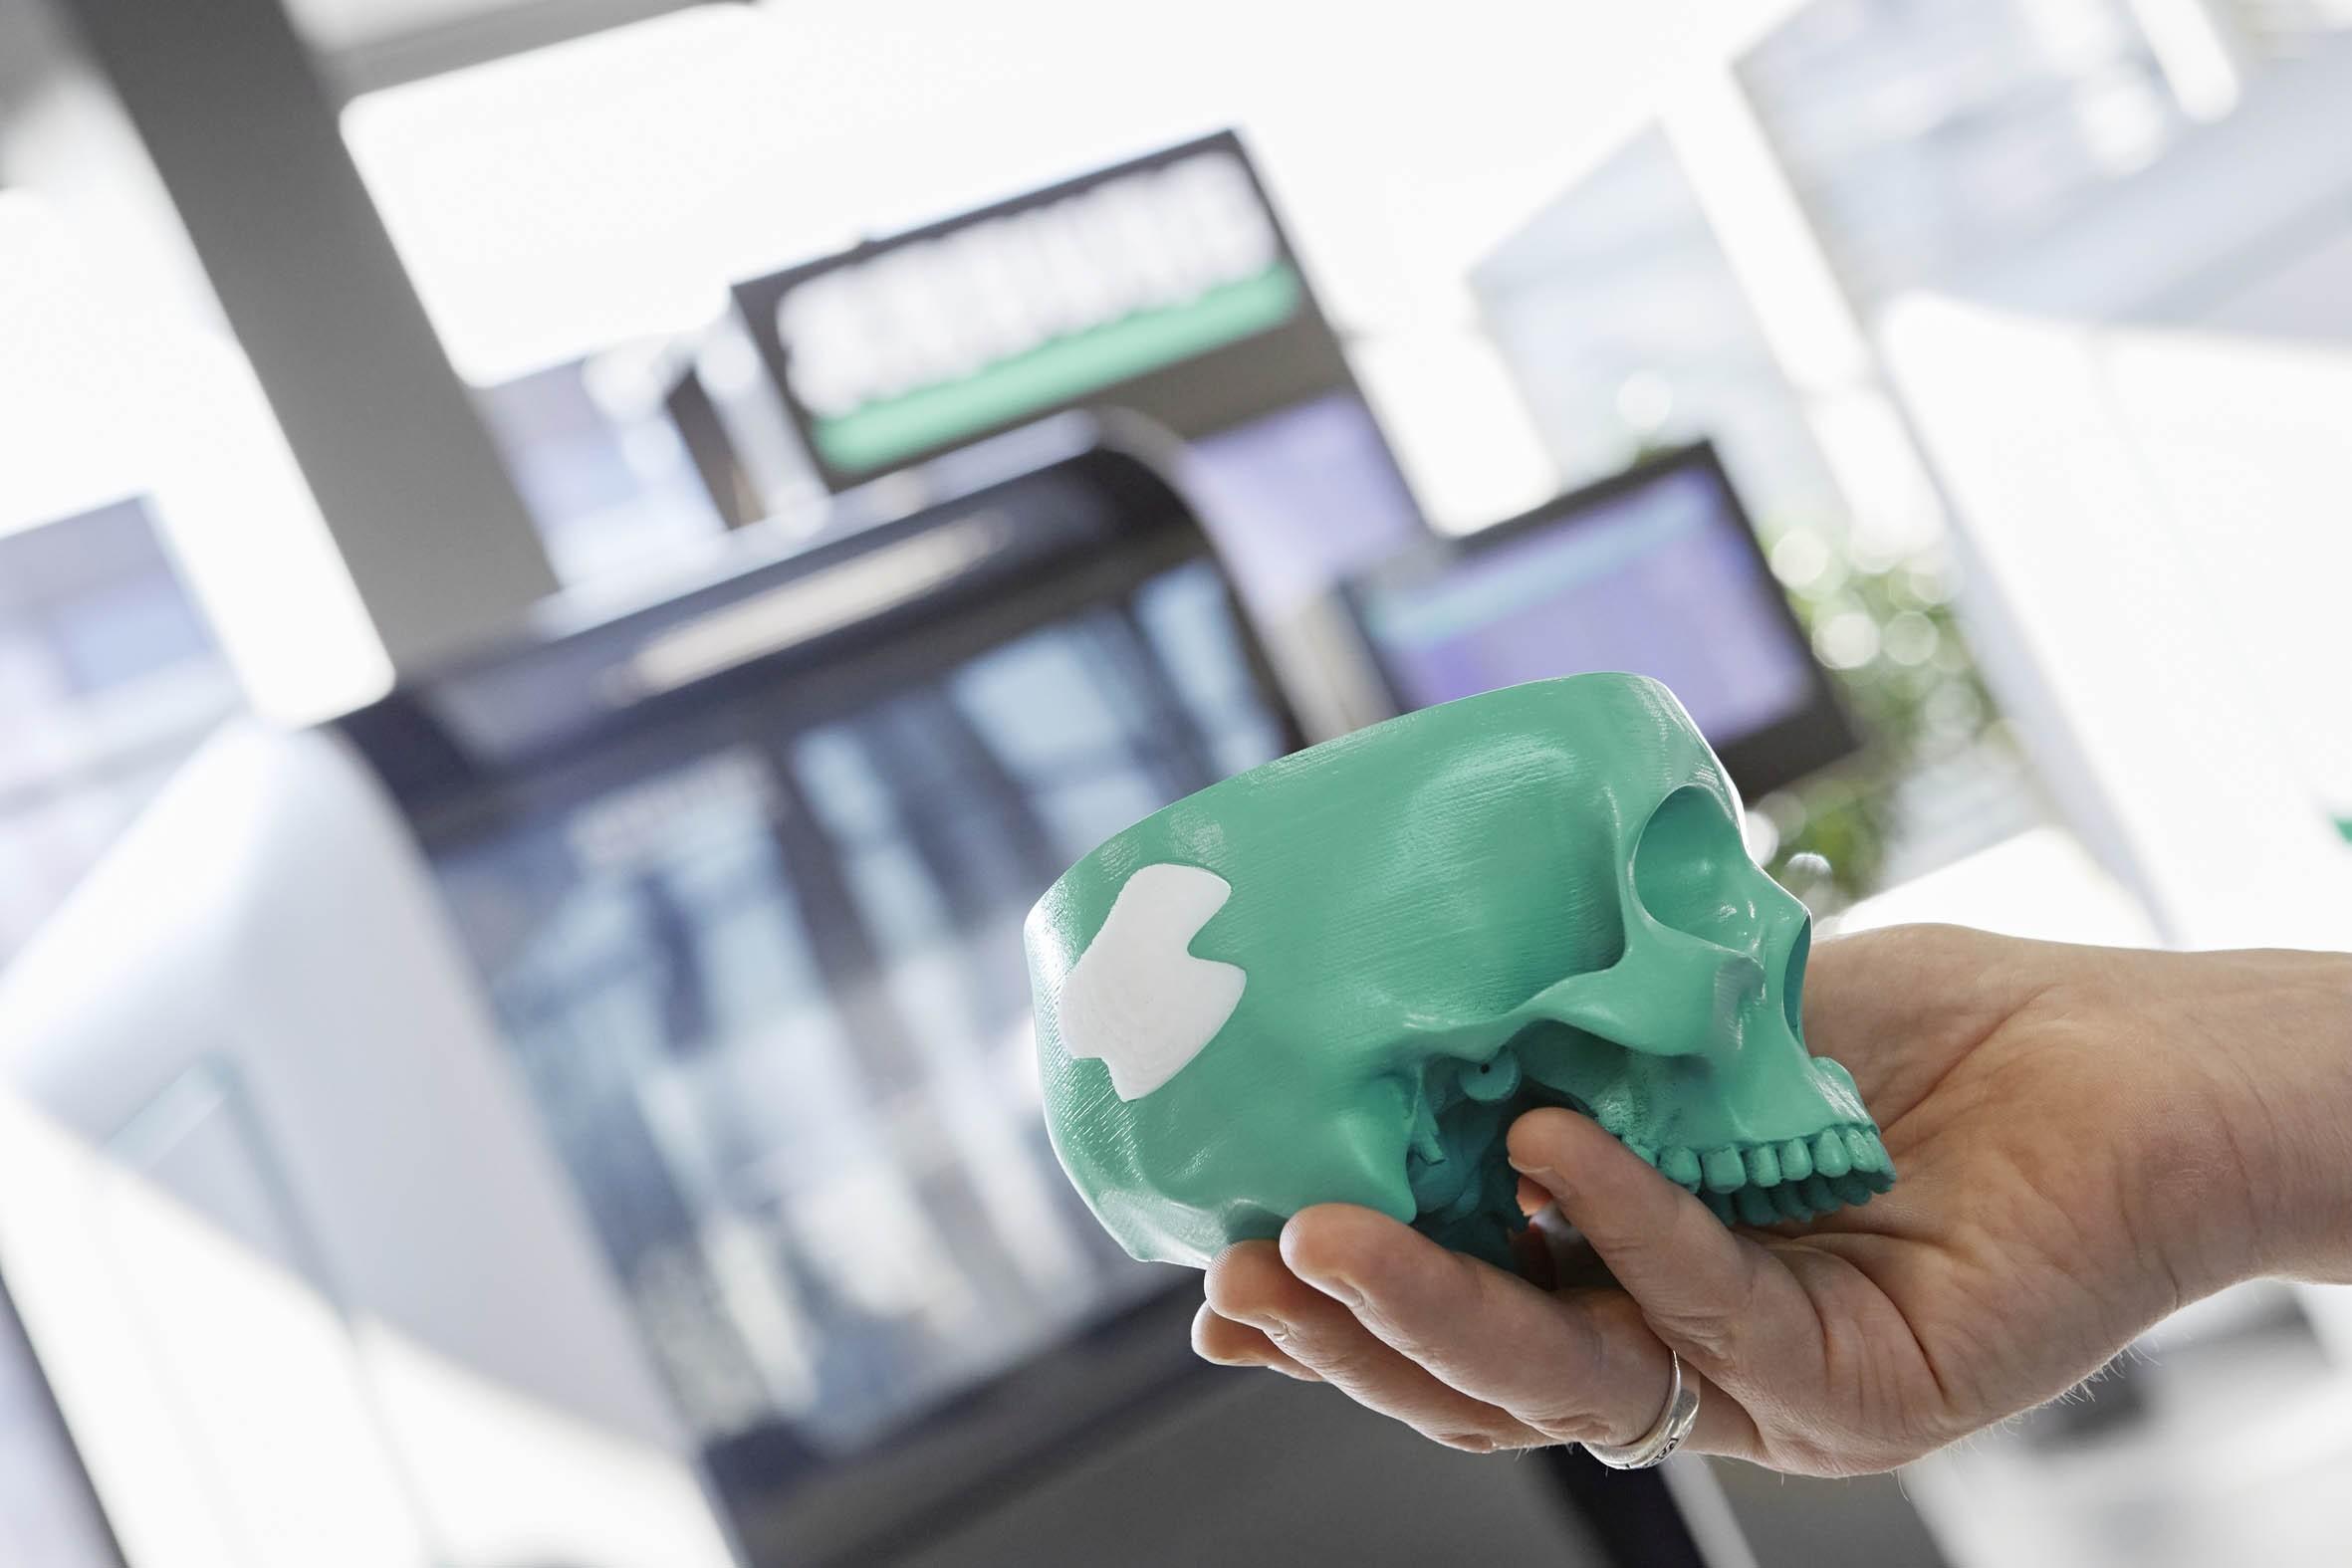 Ein wichtiges Anwendungsgebiet der additiven Fertigung sind individuell angepasste Implantate und Orthesen. Das medizinische PLA (Polylactid), das sich langsam im Körper abbaut, kann aktuell nur vom Freeformer verarbeitet werden. Bild: Arburg